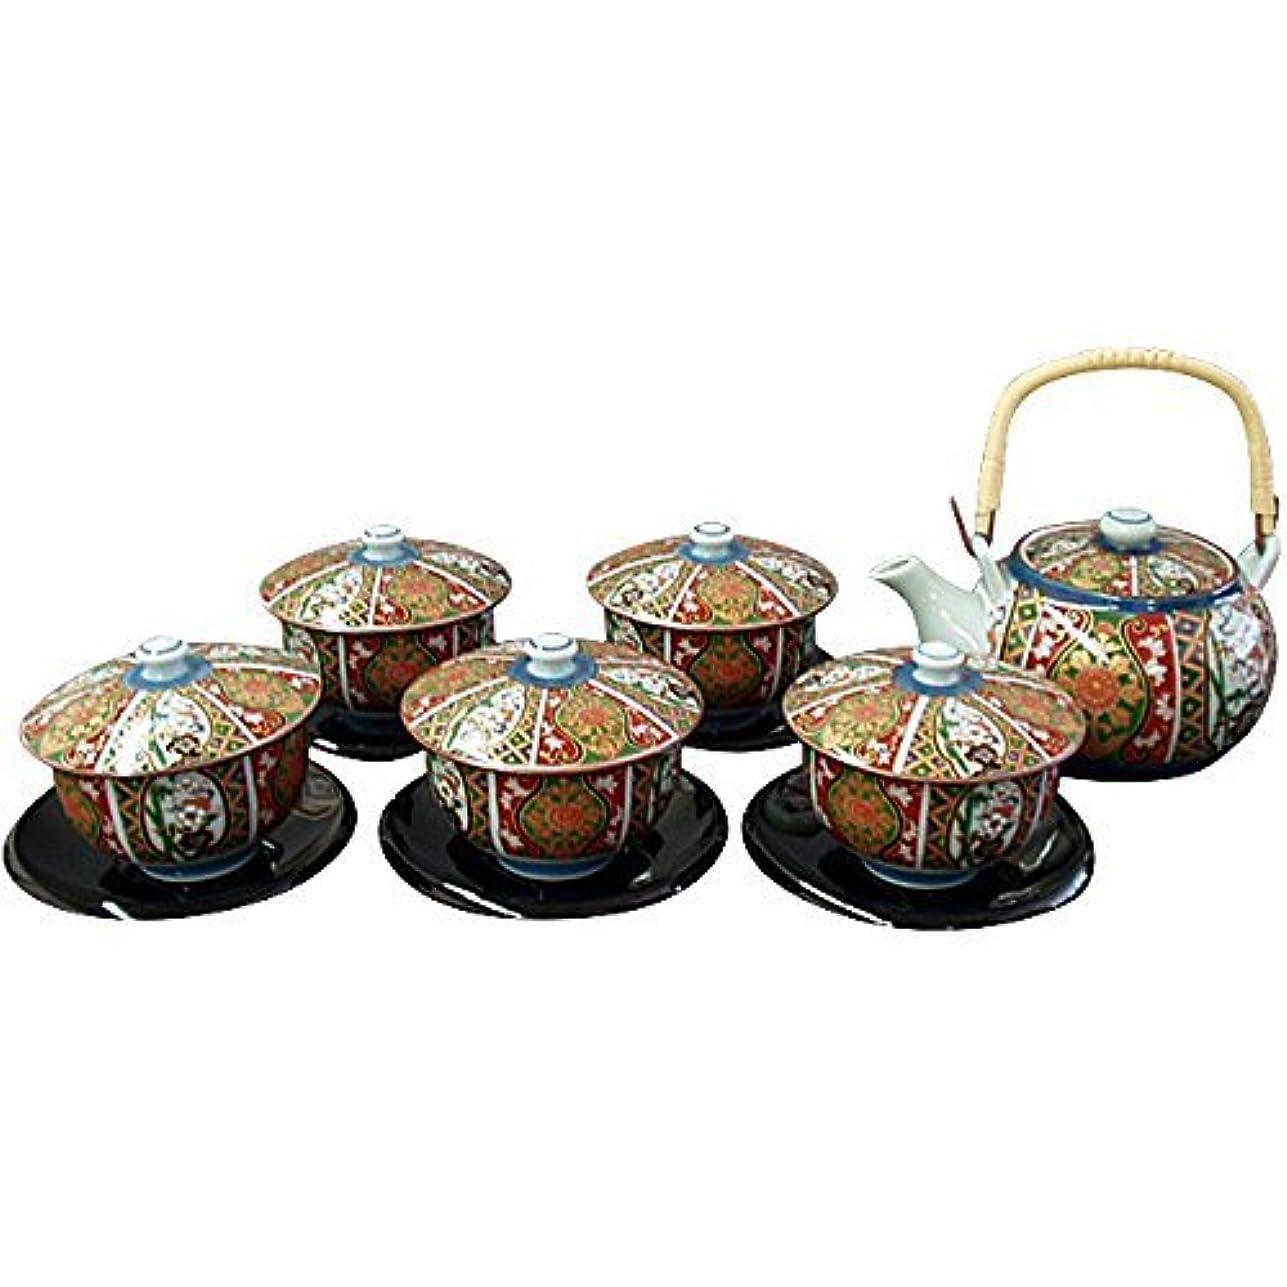 アセンブリ咲く独特の有田焼 CtoC JAPAN 茶托付番茶器セット 02-365327